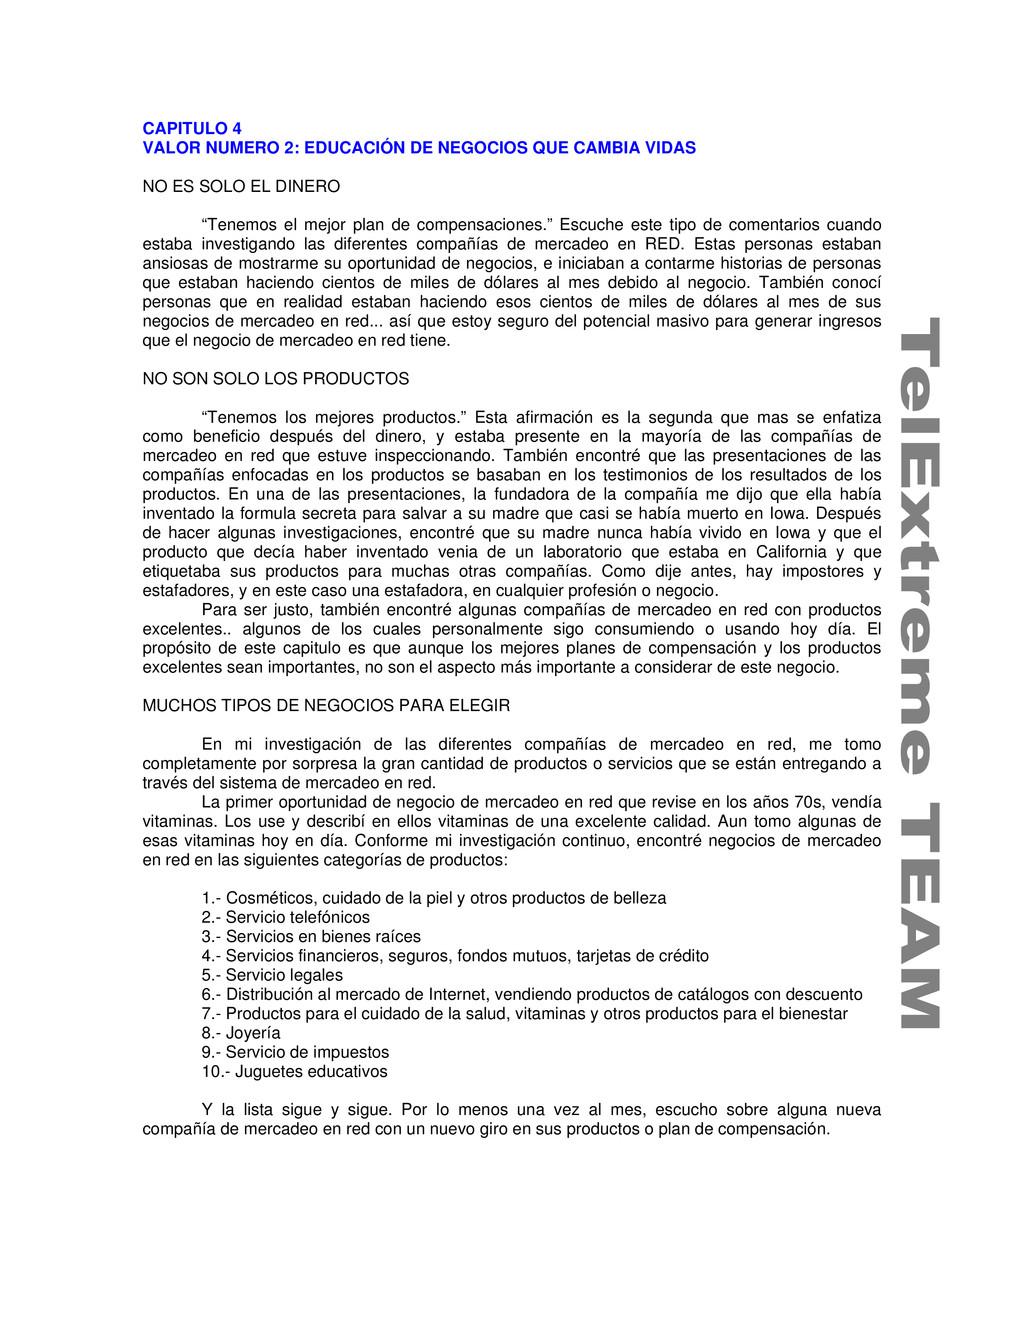 CAPITULO 4 VALOR NUMERO 2: EDUCACIÓN DE NEGOCIO...